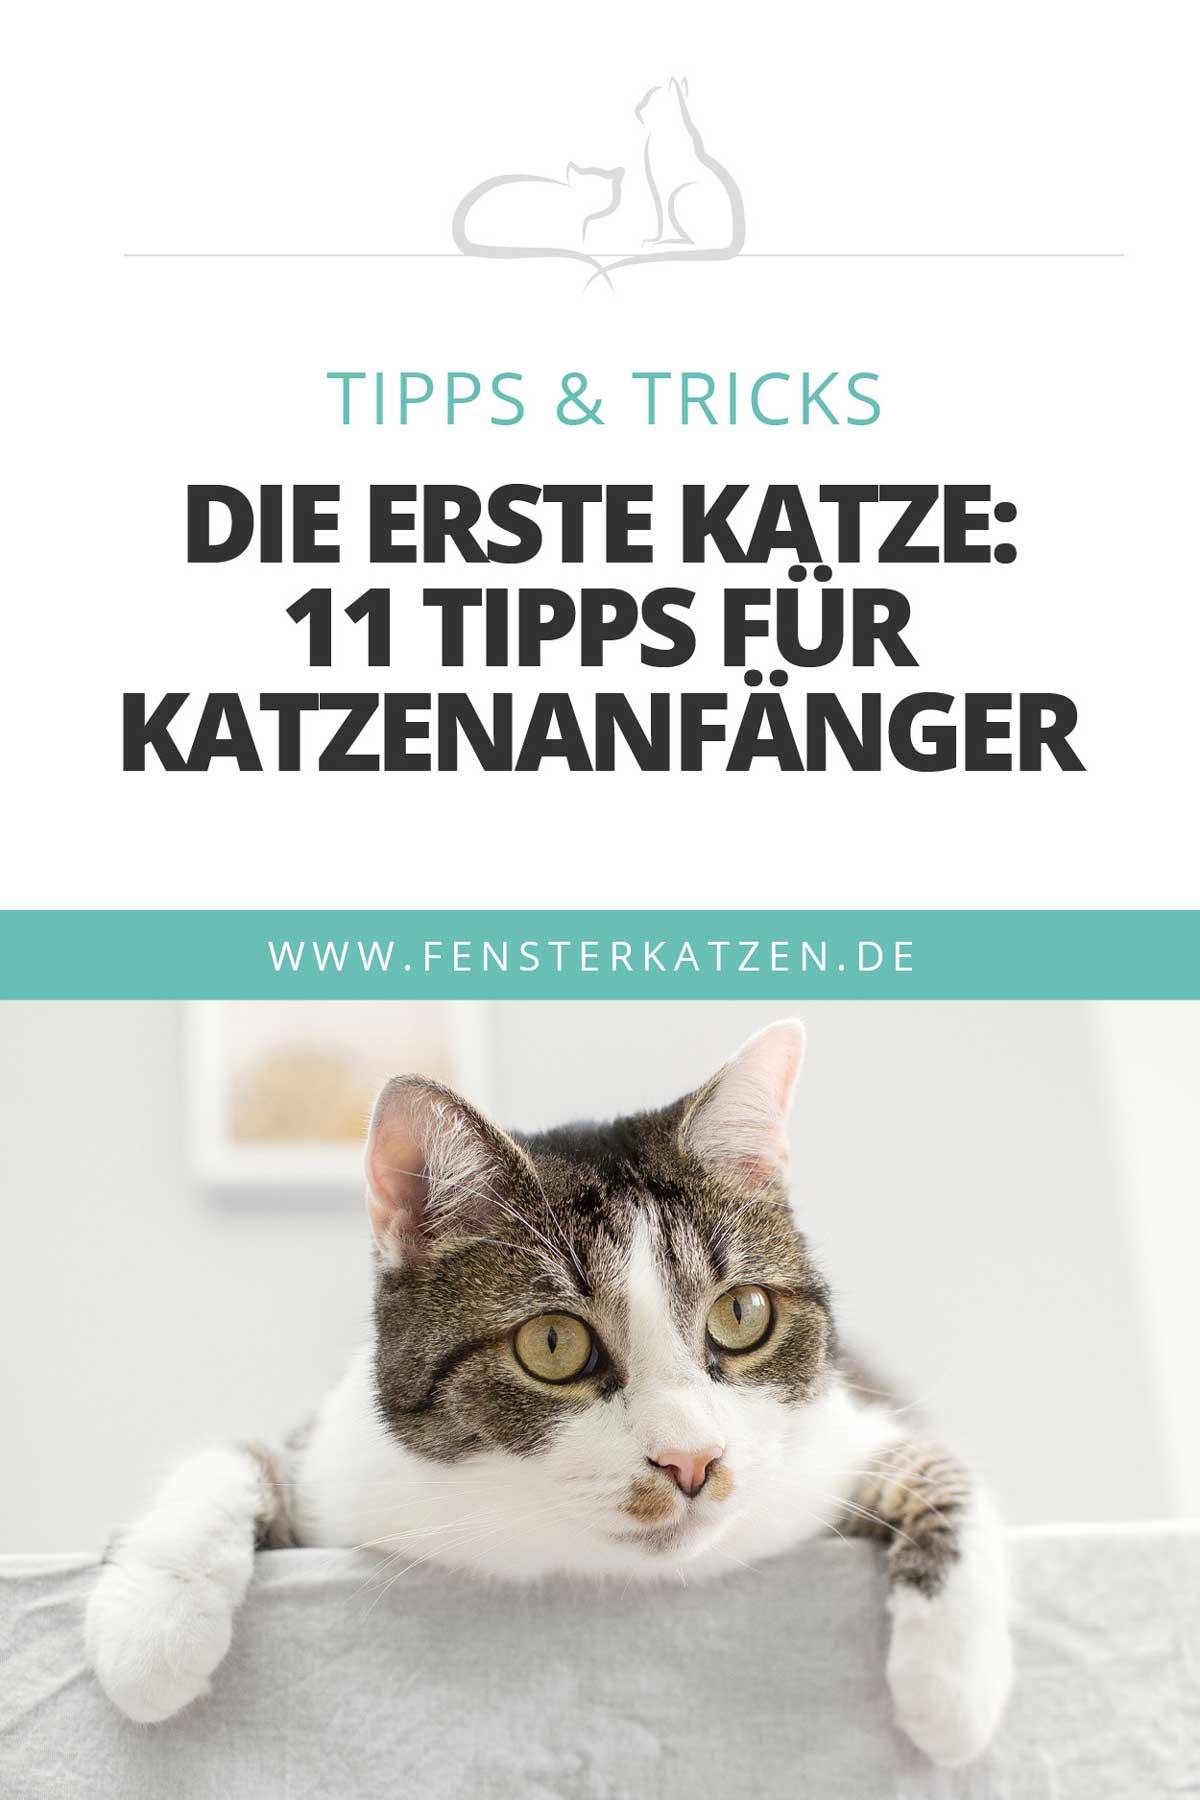 Fensterkatzen-Katzenblog-erste-Katze-Tipps-fuer-Katzenanfaenger-Pinterest